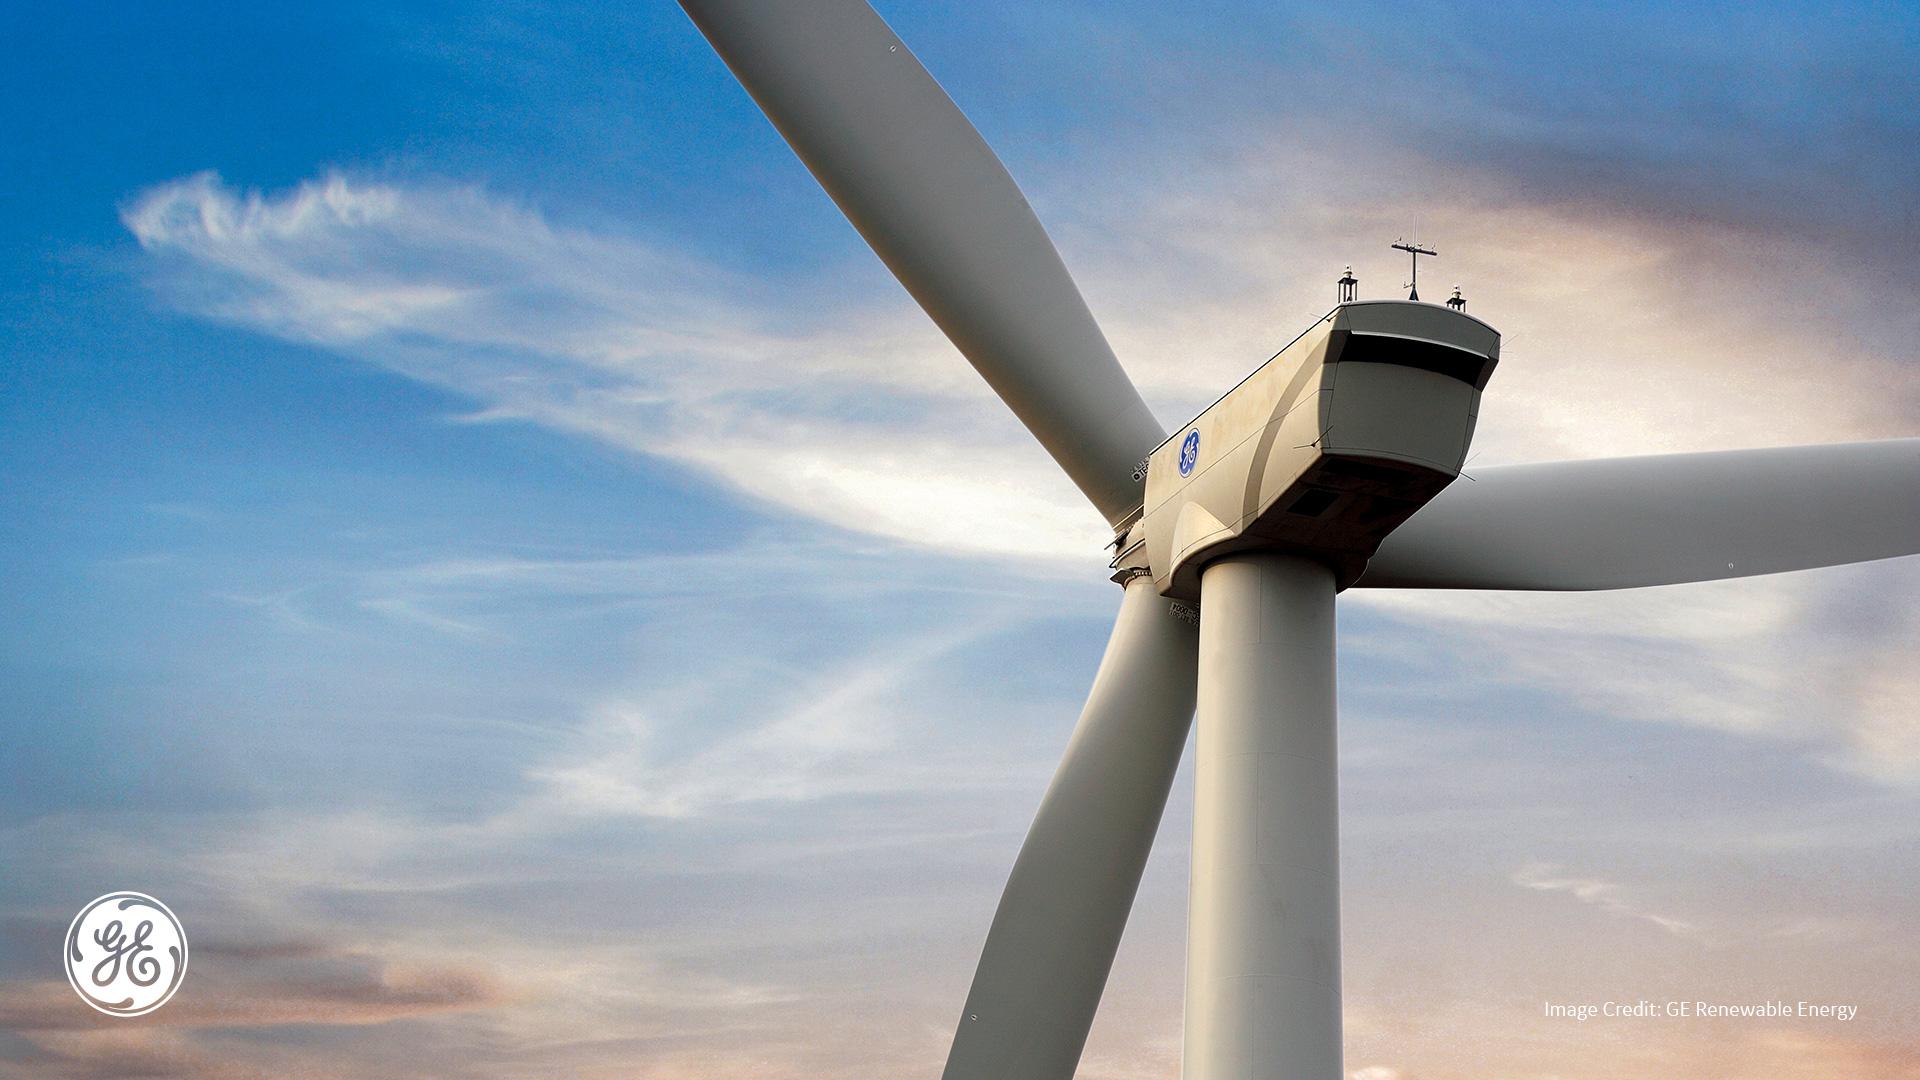 GE wind turbine